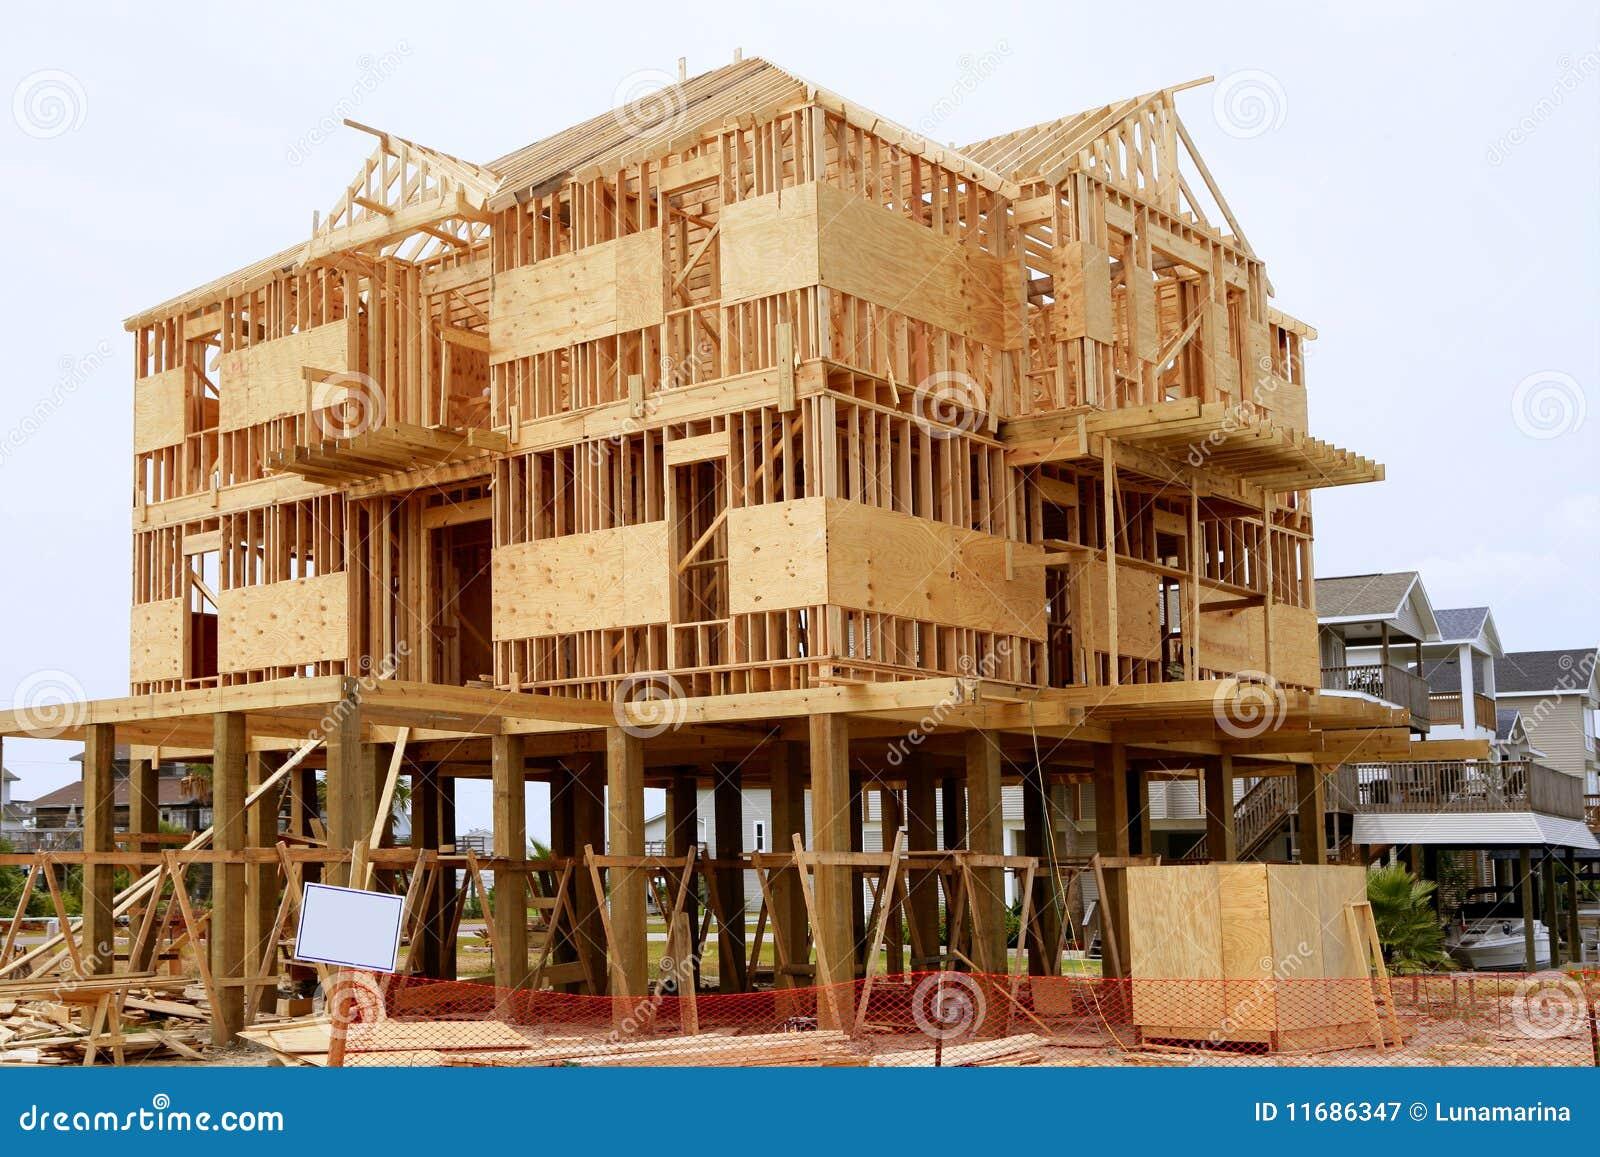 Contruction de la casa de madera estructura de madera - Estructura casa madera ...